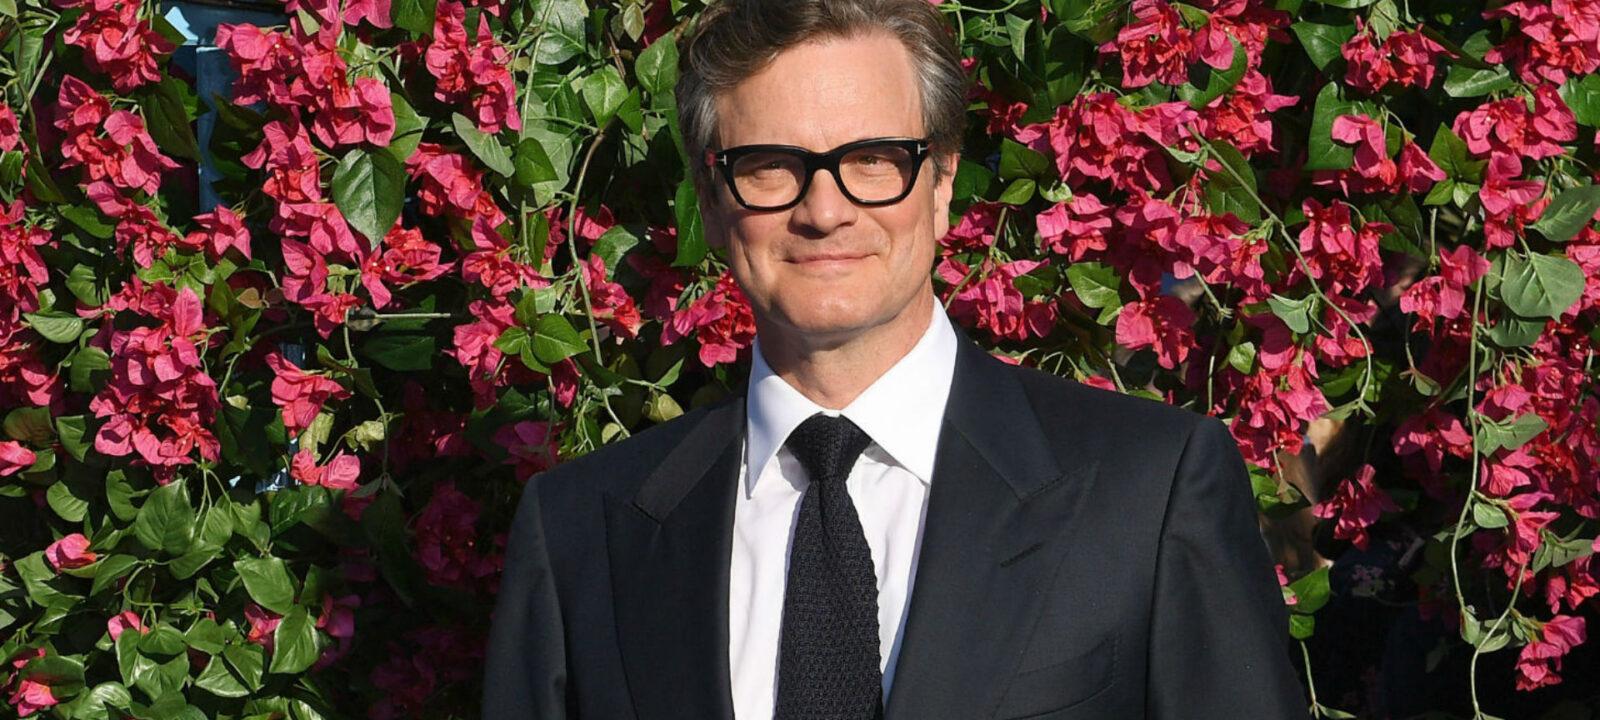 Colin Firth 1920×1080